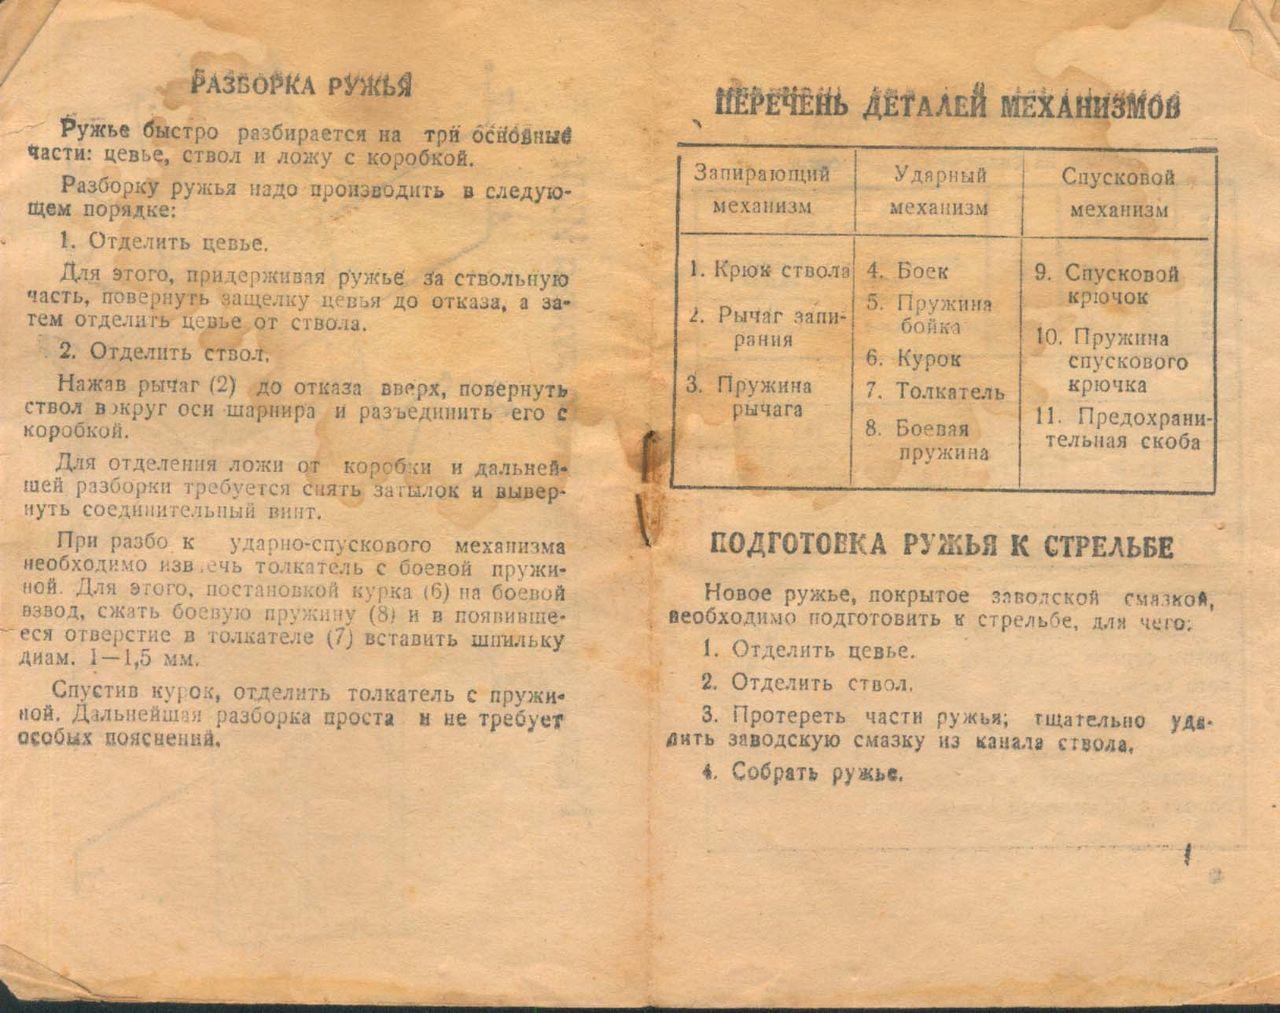 hatsan optima инструкция на русском языке